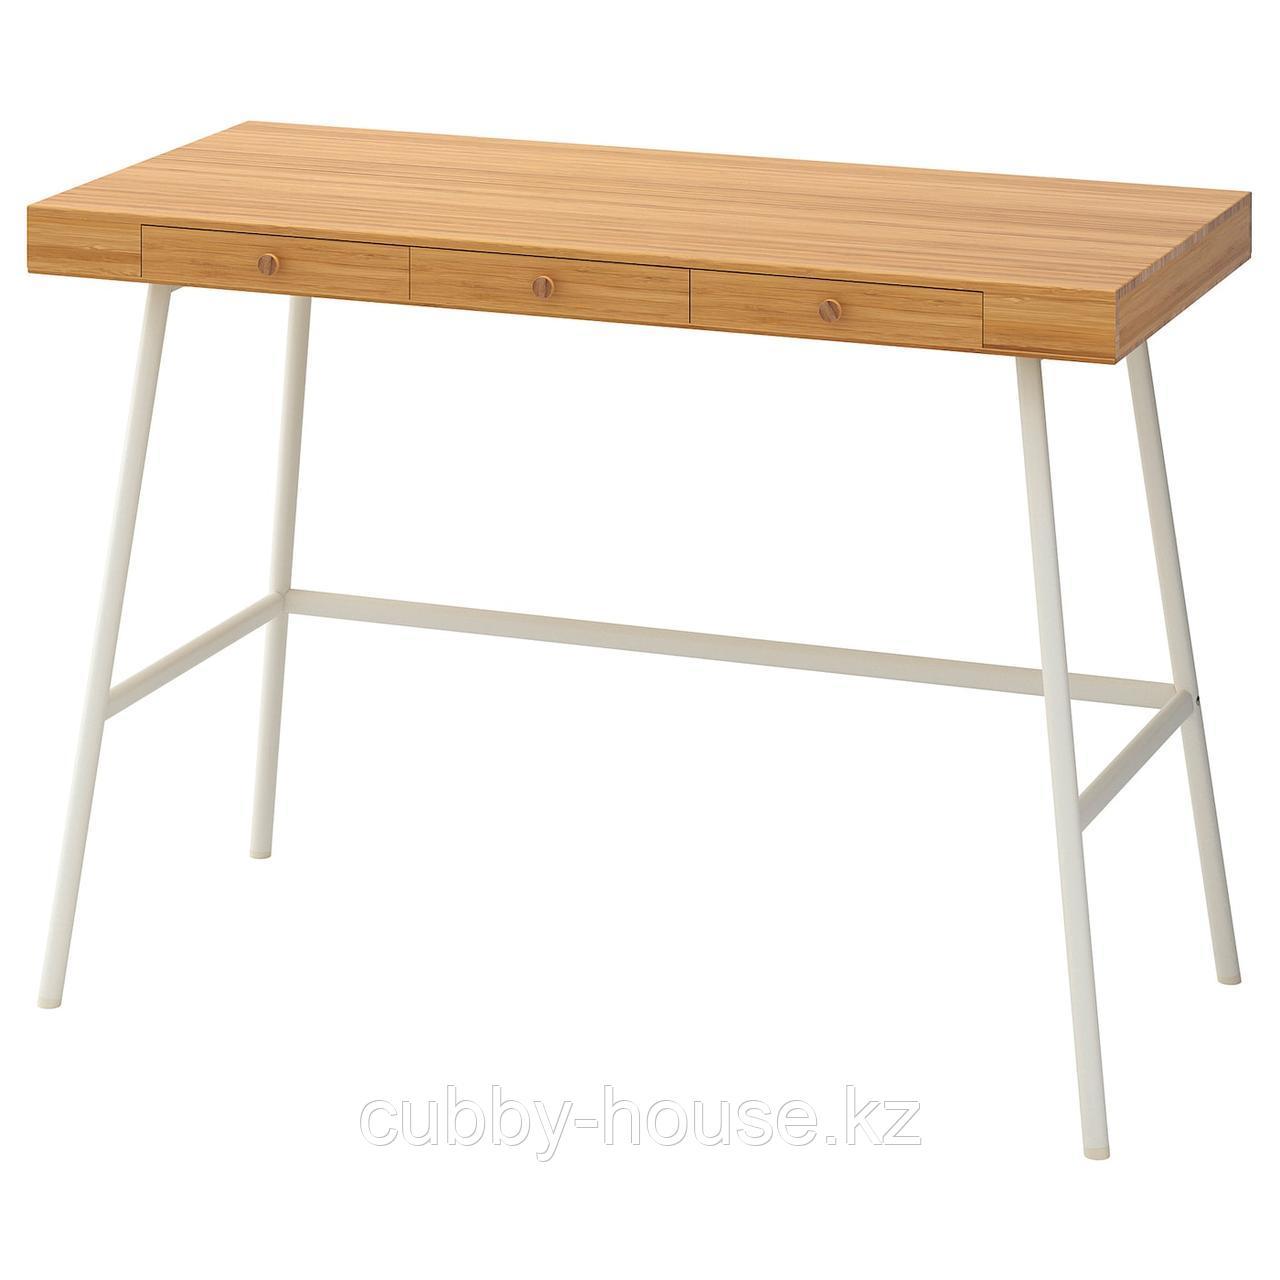 ЛИЛЛОСЕН Письменный стол, бамбук, 102x49 см